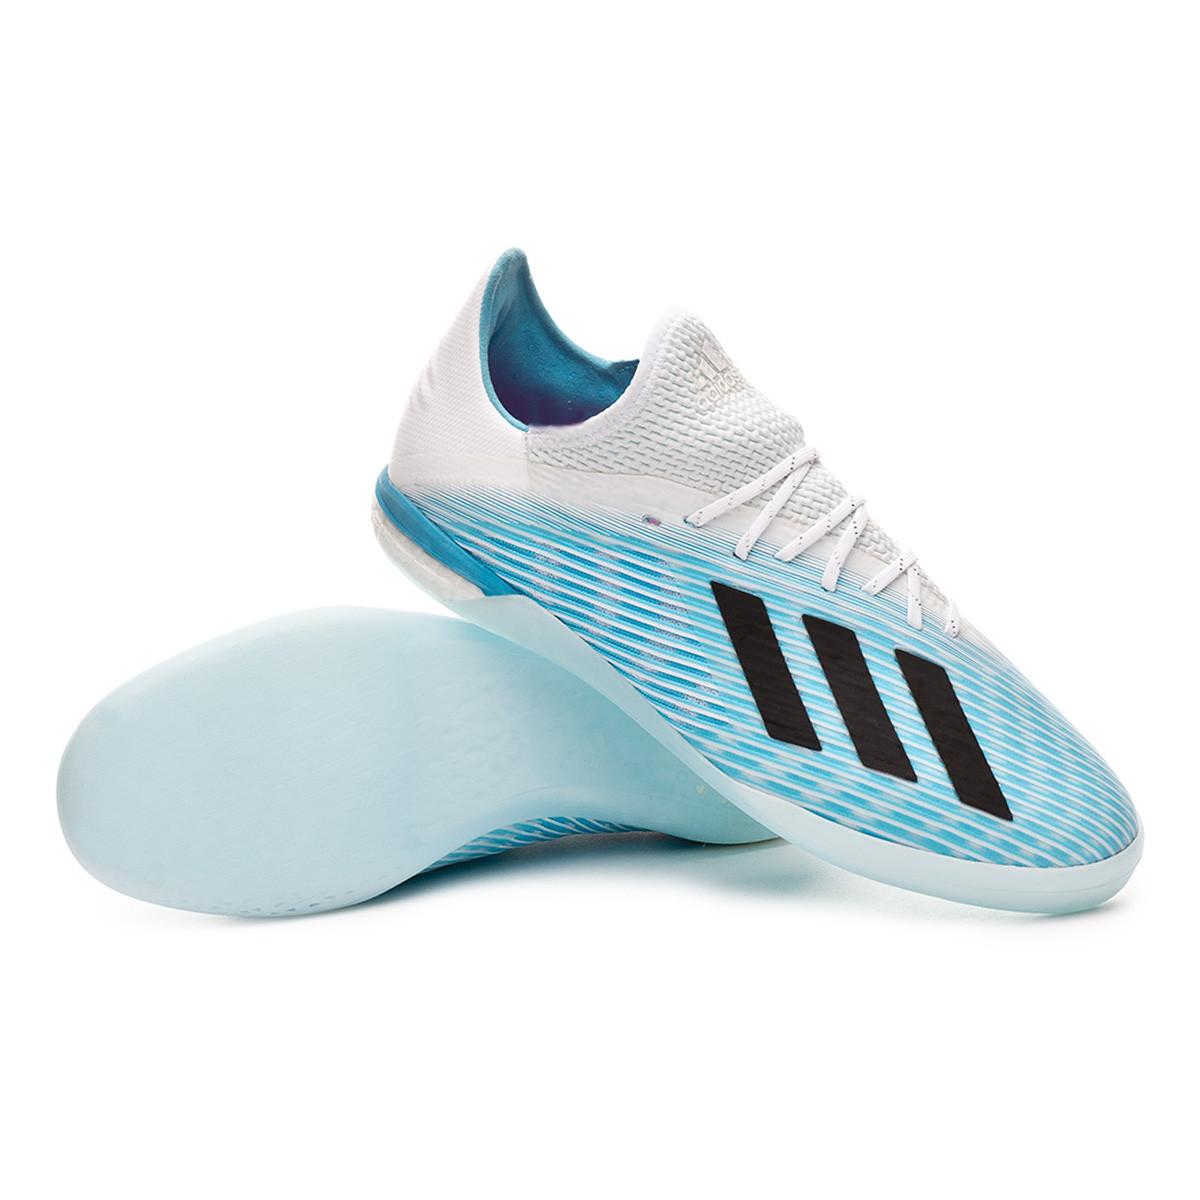 Chaussure de futsal adidas X 19.1 IN